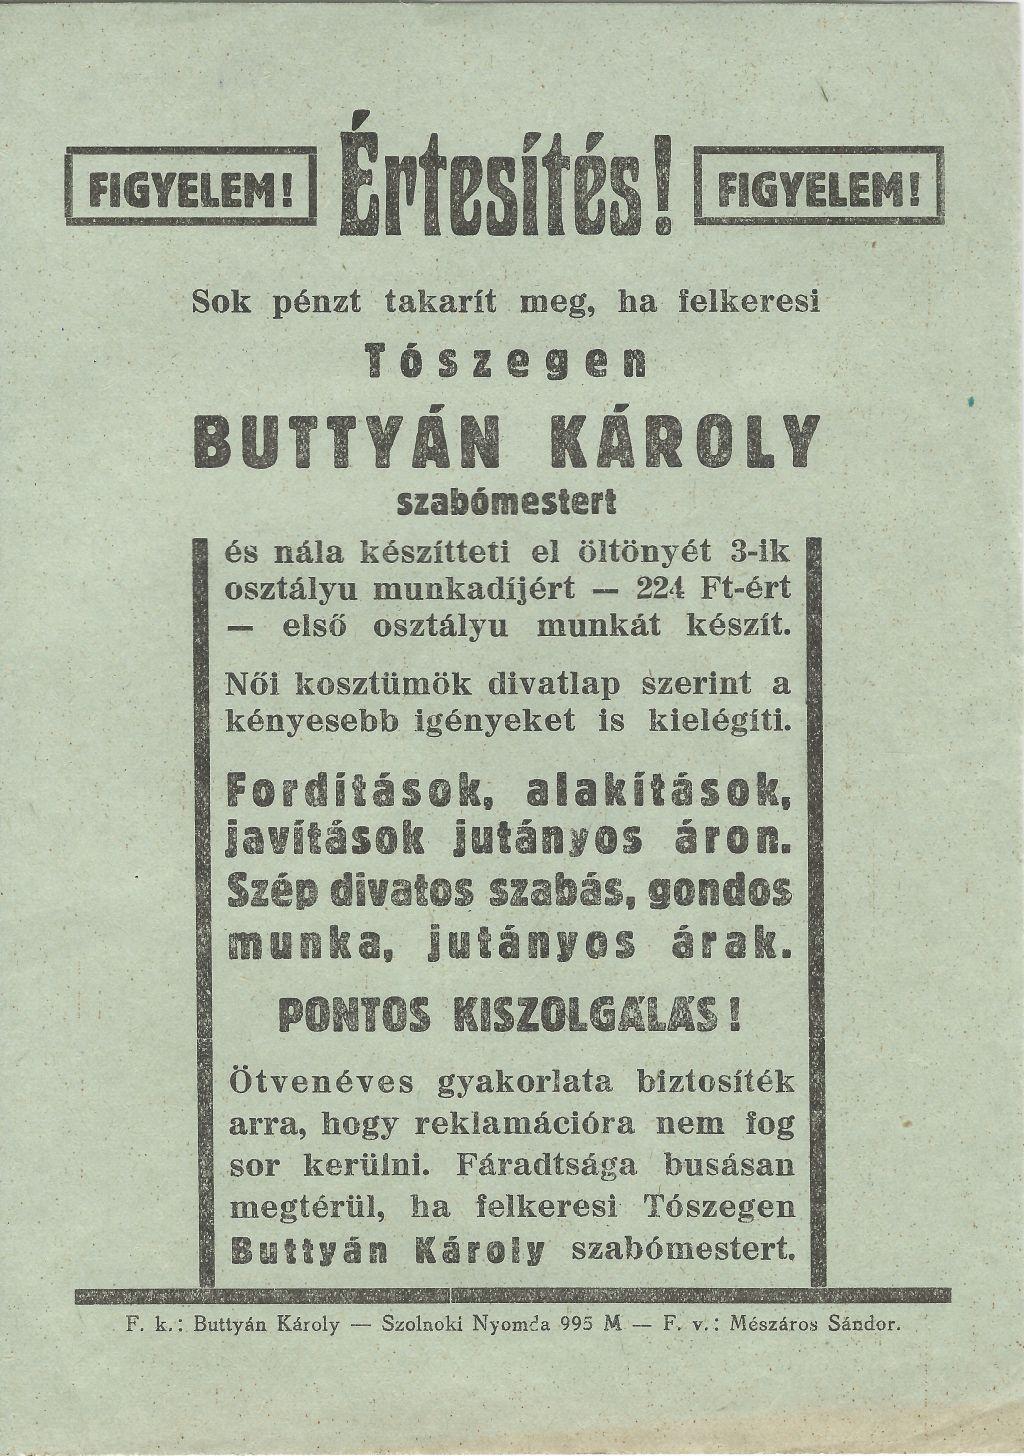 Buttyán Károly szabómester